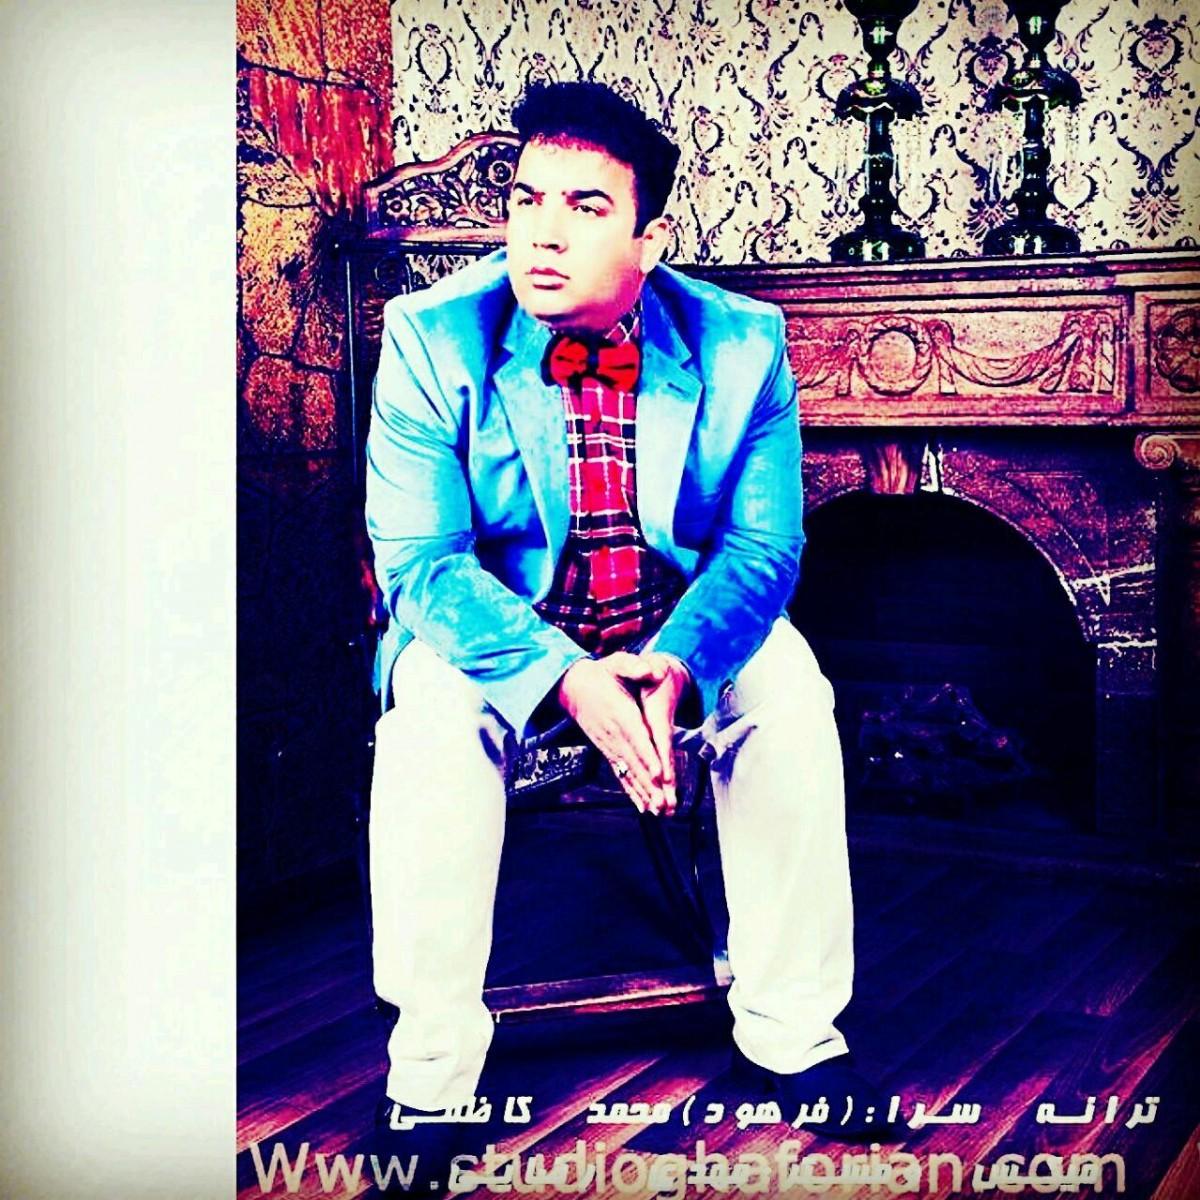 نامبر وان موزیک | دانلود آهنگ جدید Danial-Amraei-Hamsaram